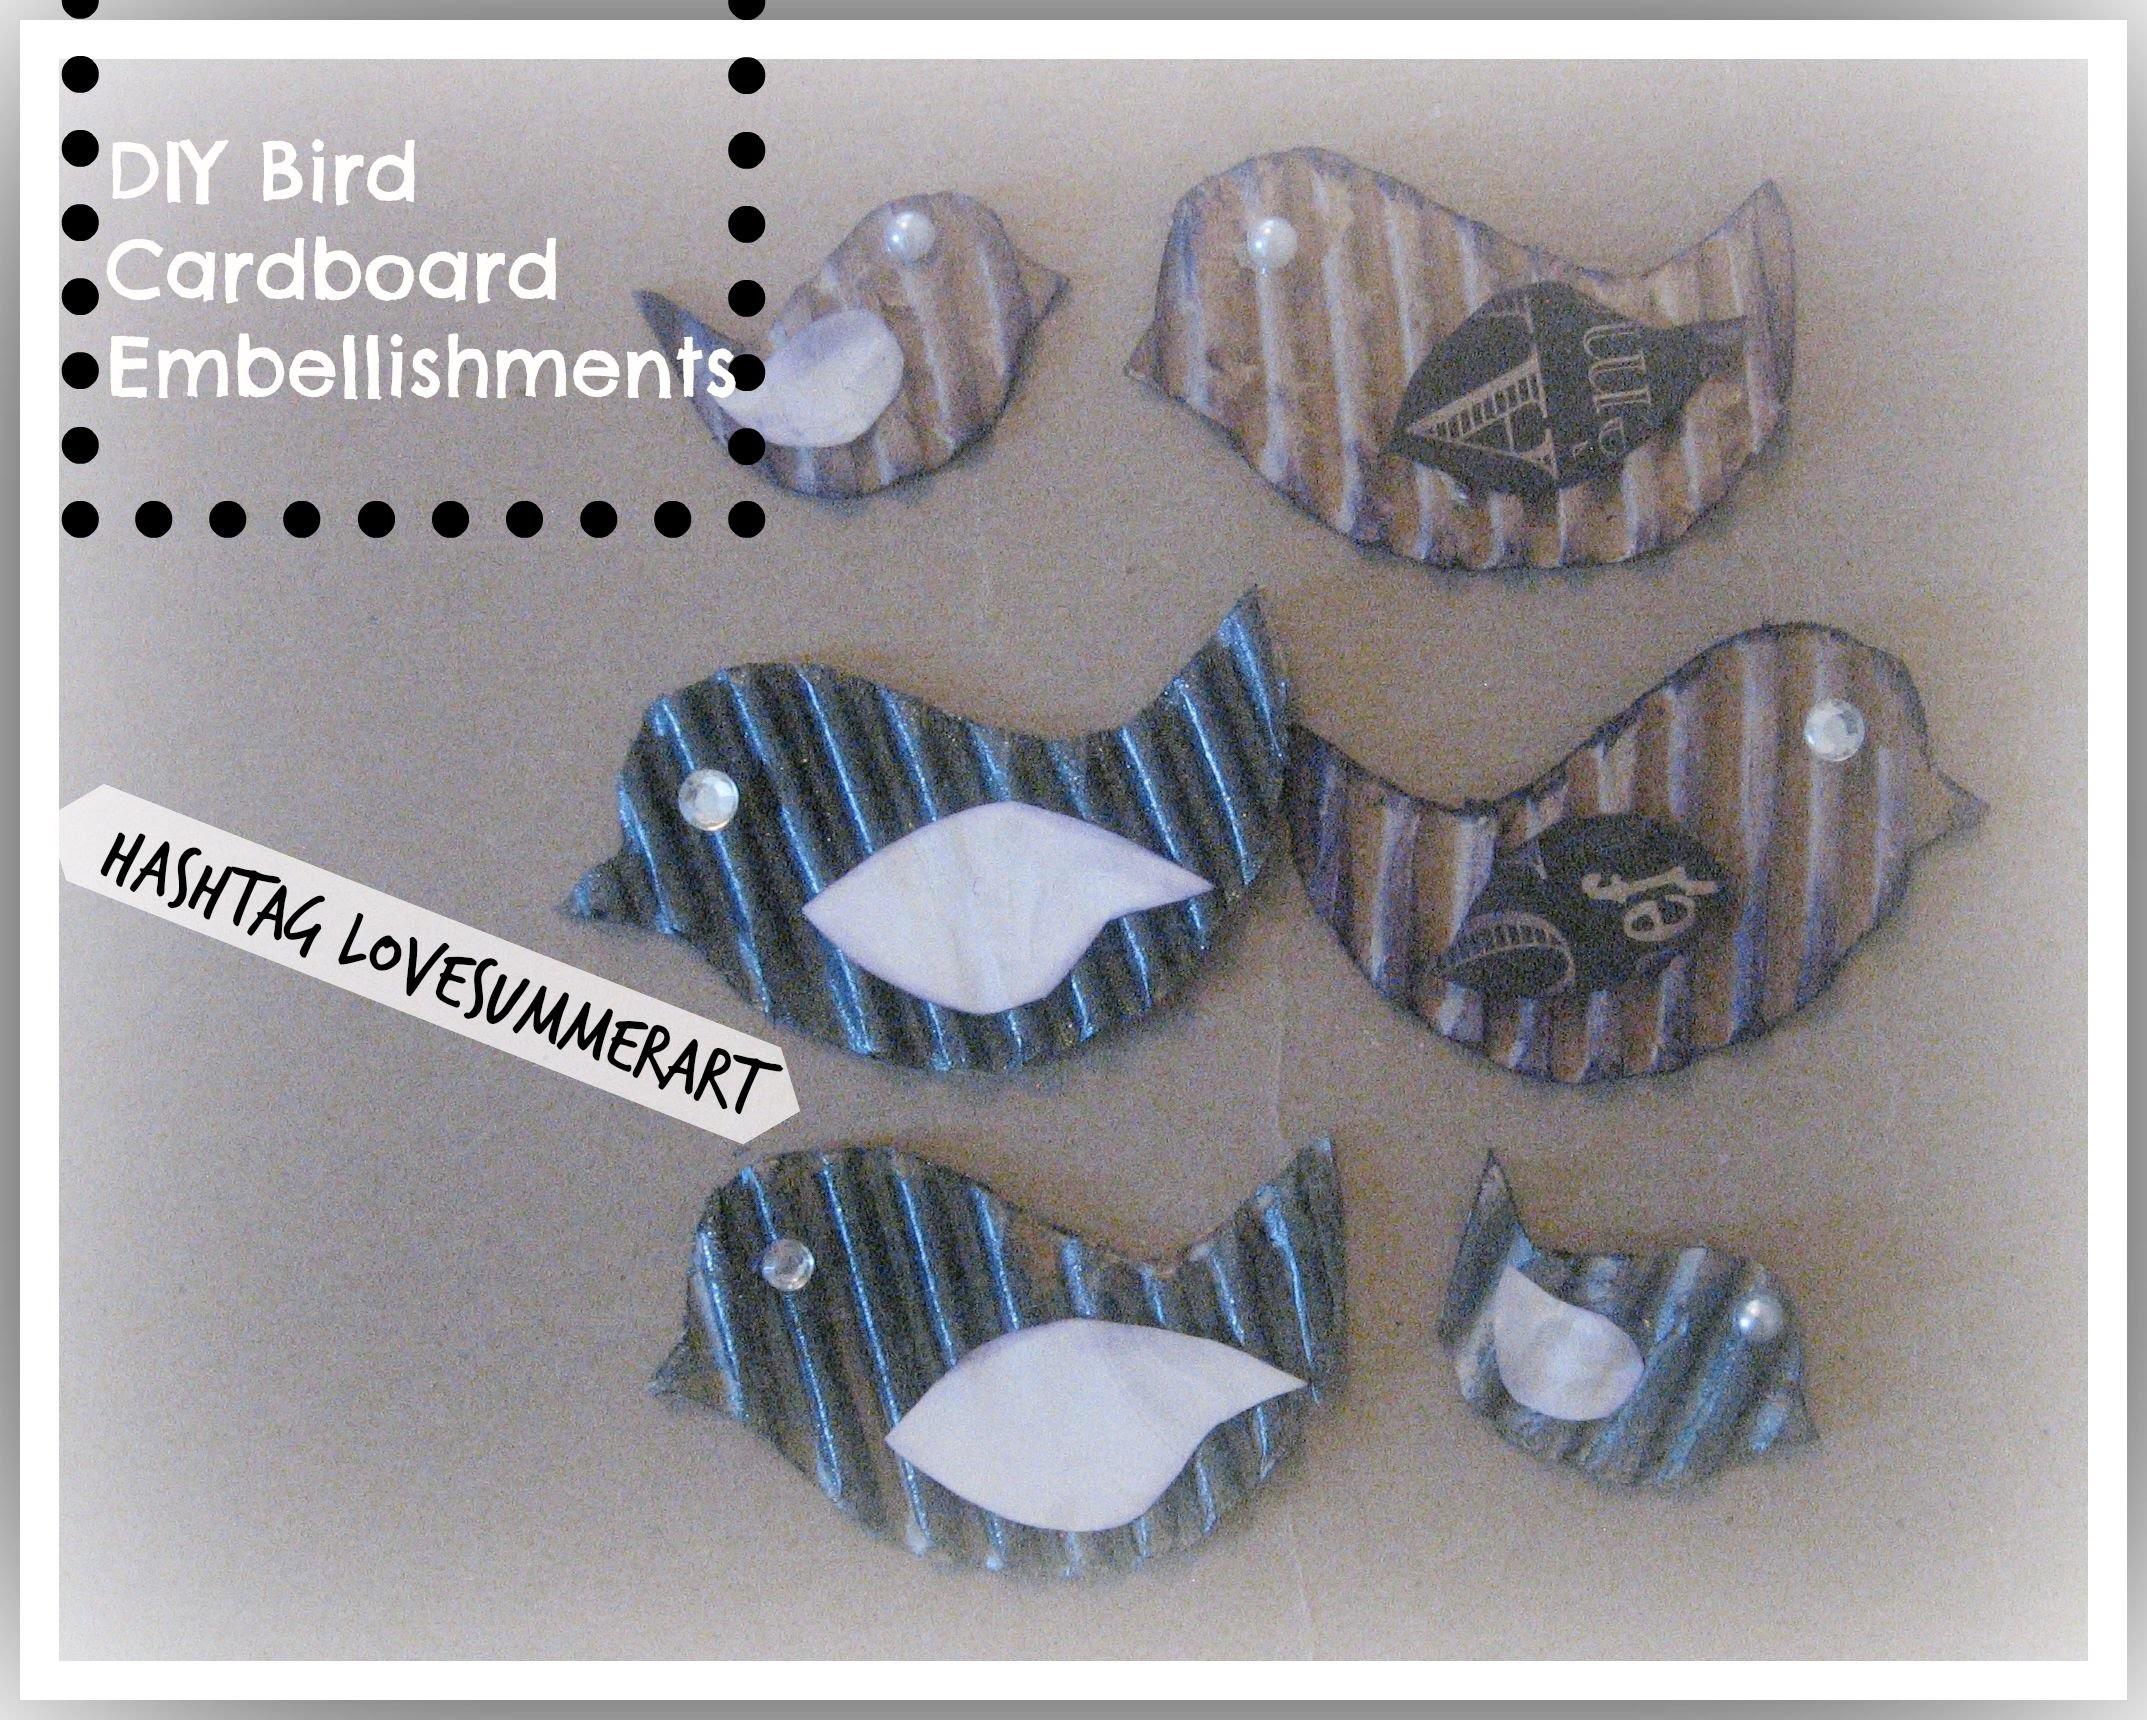 Handmade.DIY Bird Cardboard Embellishments. #lovesummerart